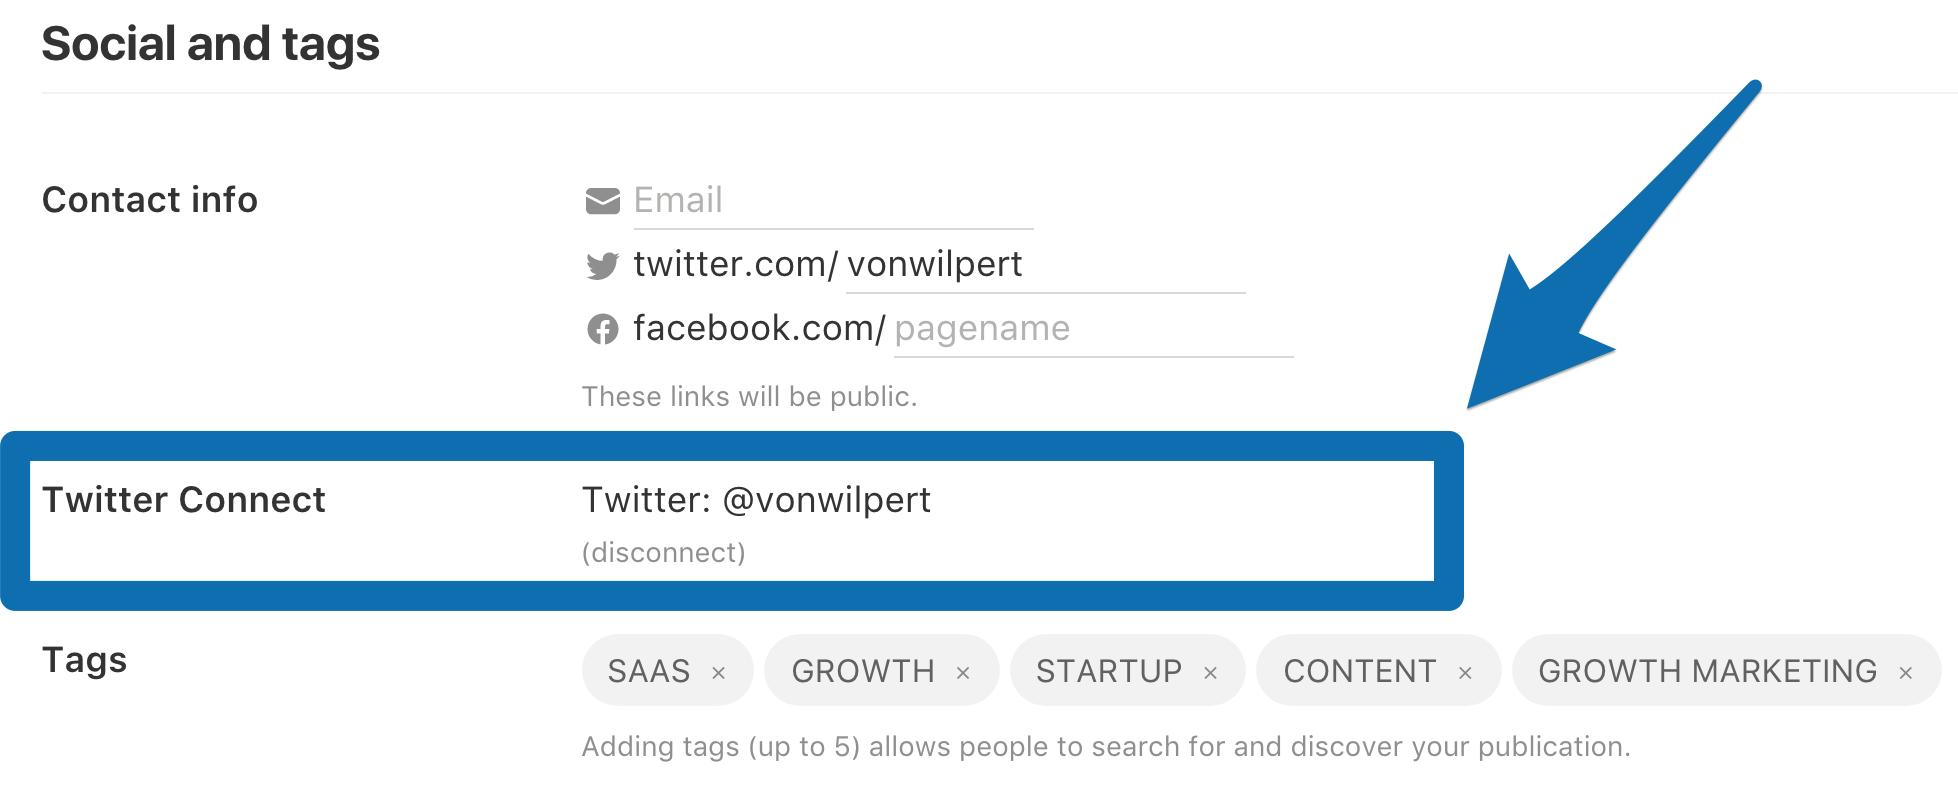 Screenshot showing Chris Von Wilpert